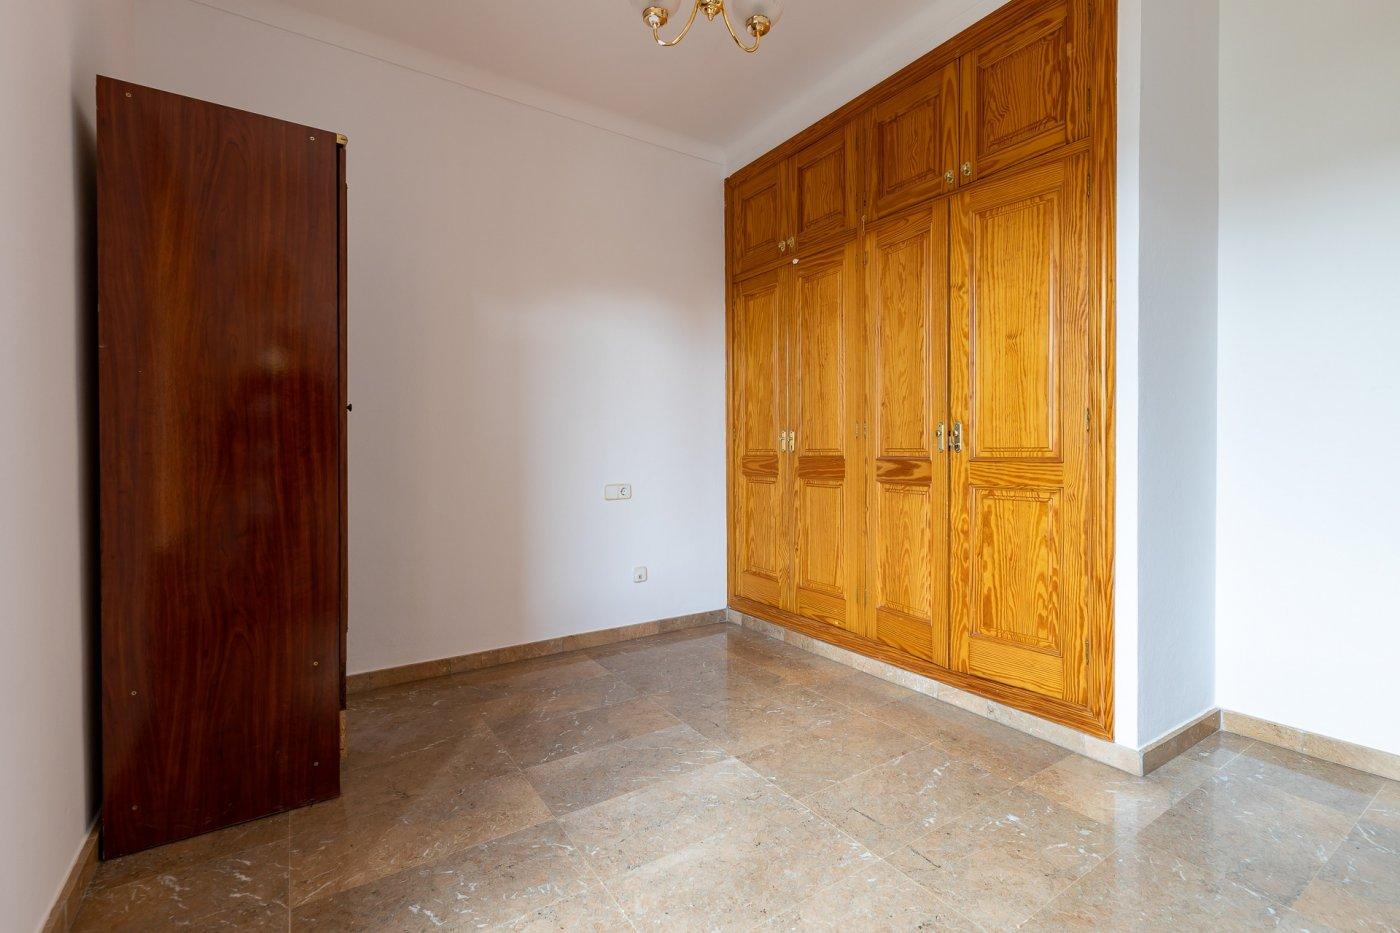 Planta baja y sala adicional de 95 m² con patio de 160 m² - imagenInmueble4